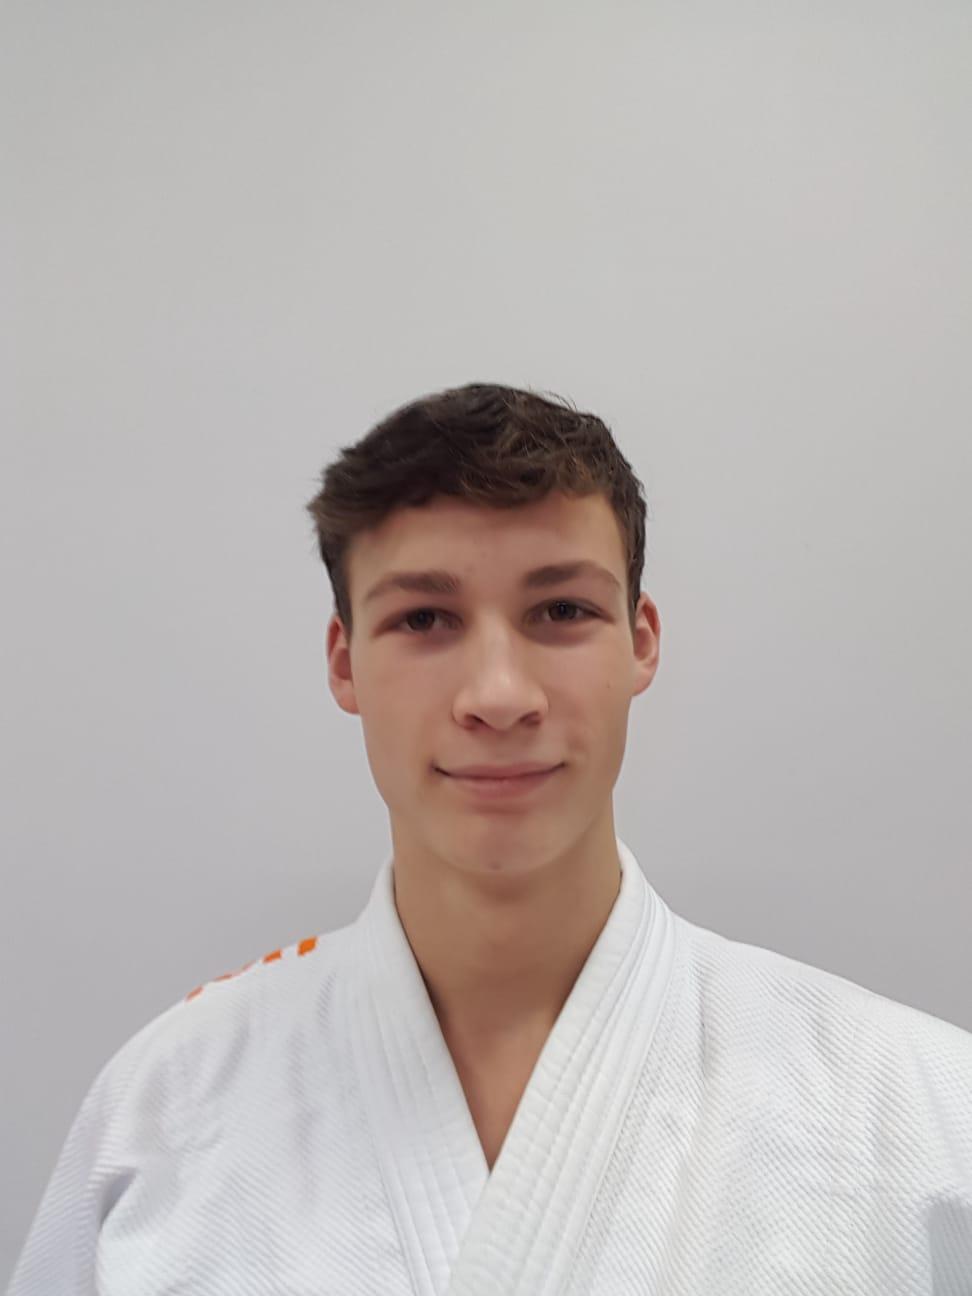 Joey van Alphen